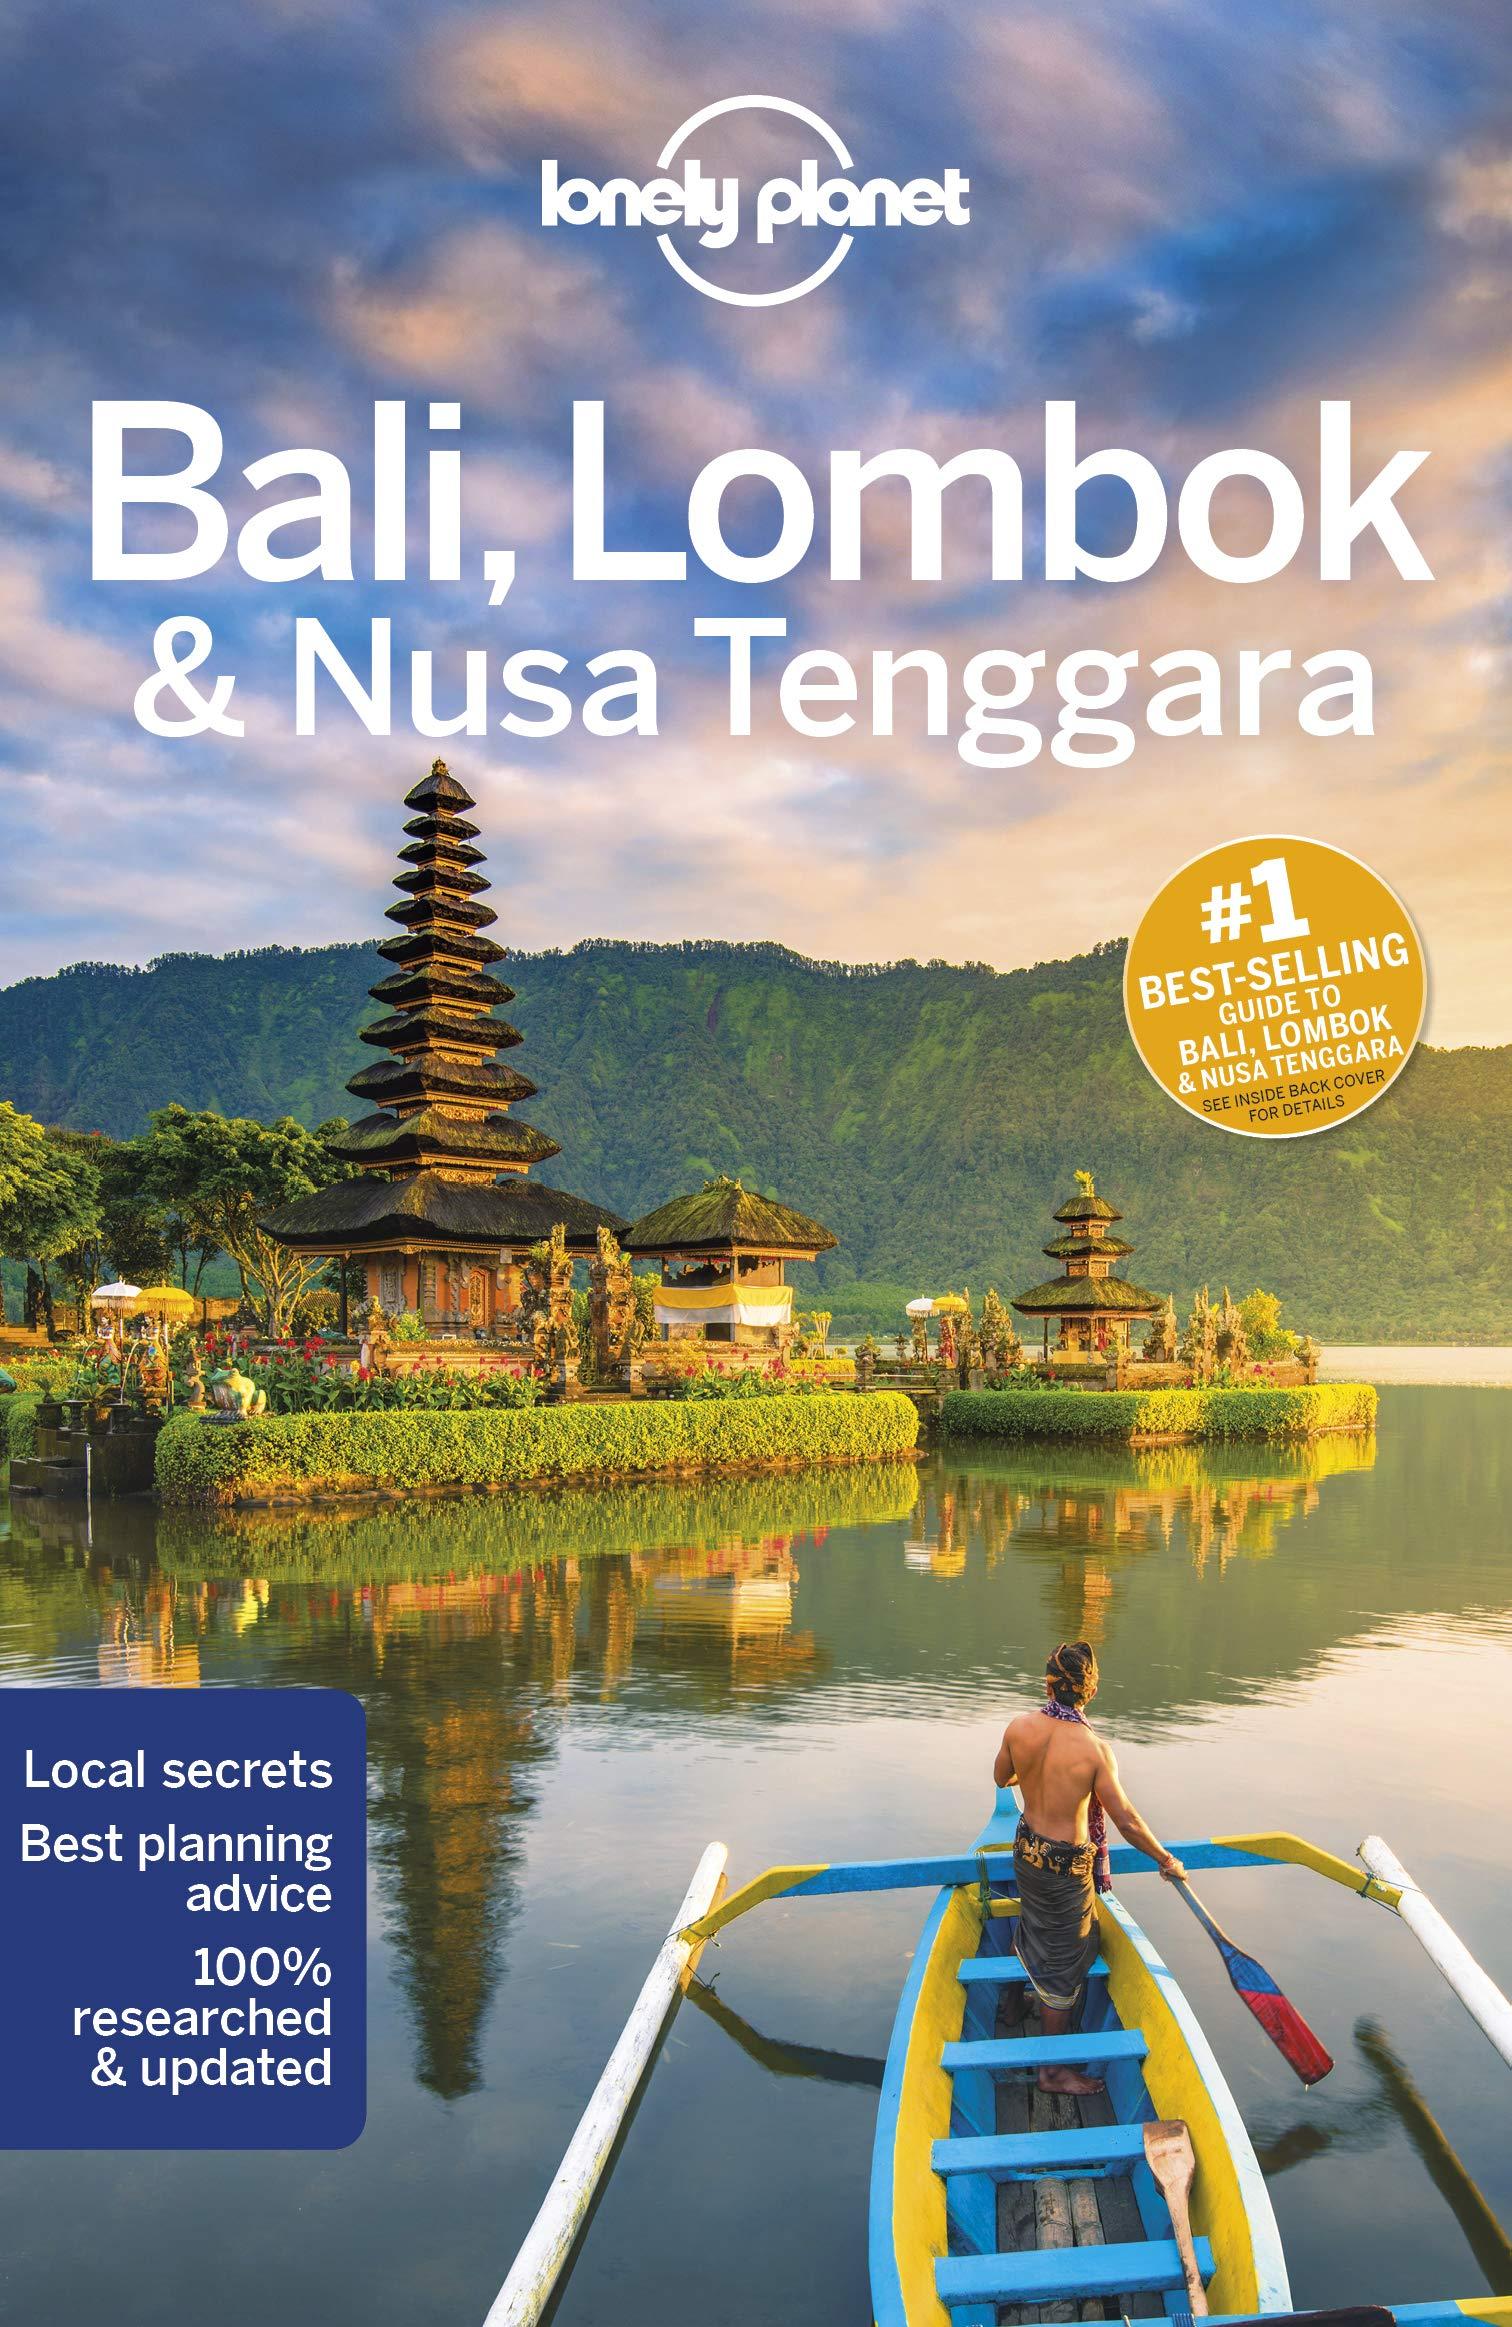 Reisgids Bali. Lombok en Nusa Tenggara | Lonely Planet <br/>€ 22.50 <br/> <a href='https://www.dezwerver.nl/reisgidsen/?tt=1554_252853_241358_&r=https%3A%2F%2Fwww.dezwerver.nl%2Fr%2Fazie%2Findonesie%2Fbali%2Fc%2Fboeken%2Freisgidsen%2F9781786575104%2Freisgids-bali-lombok-en-nusa-tenggara-lonely-planet%2F' target='_blank'>Meer Info</a>